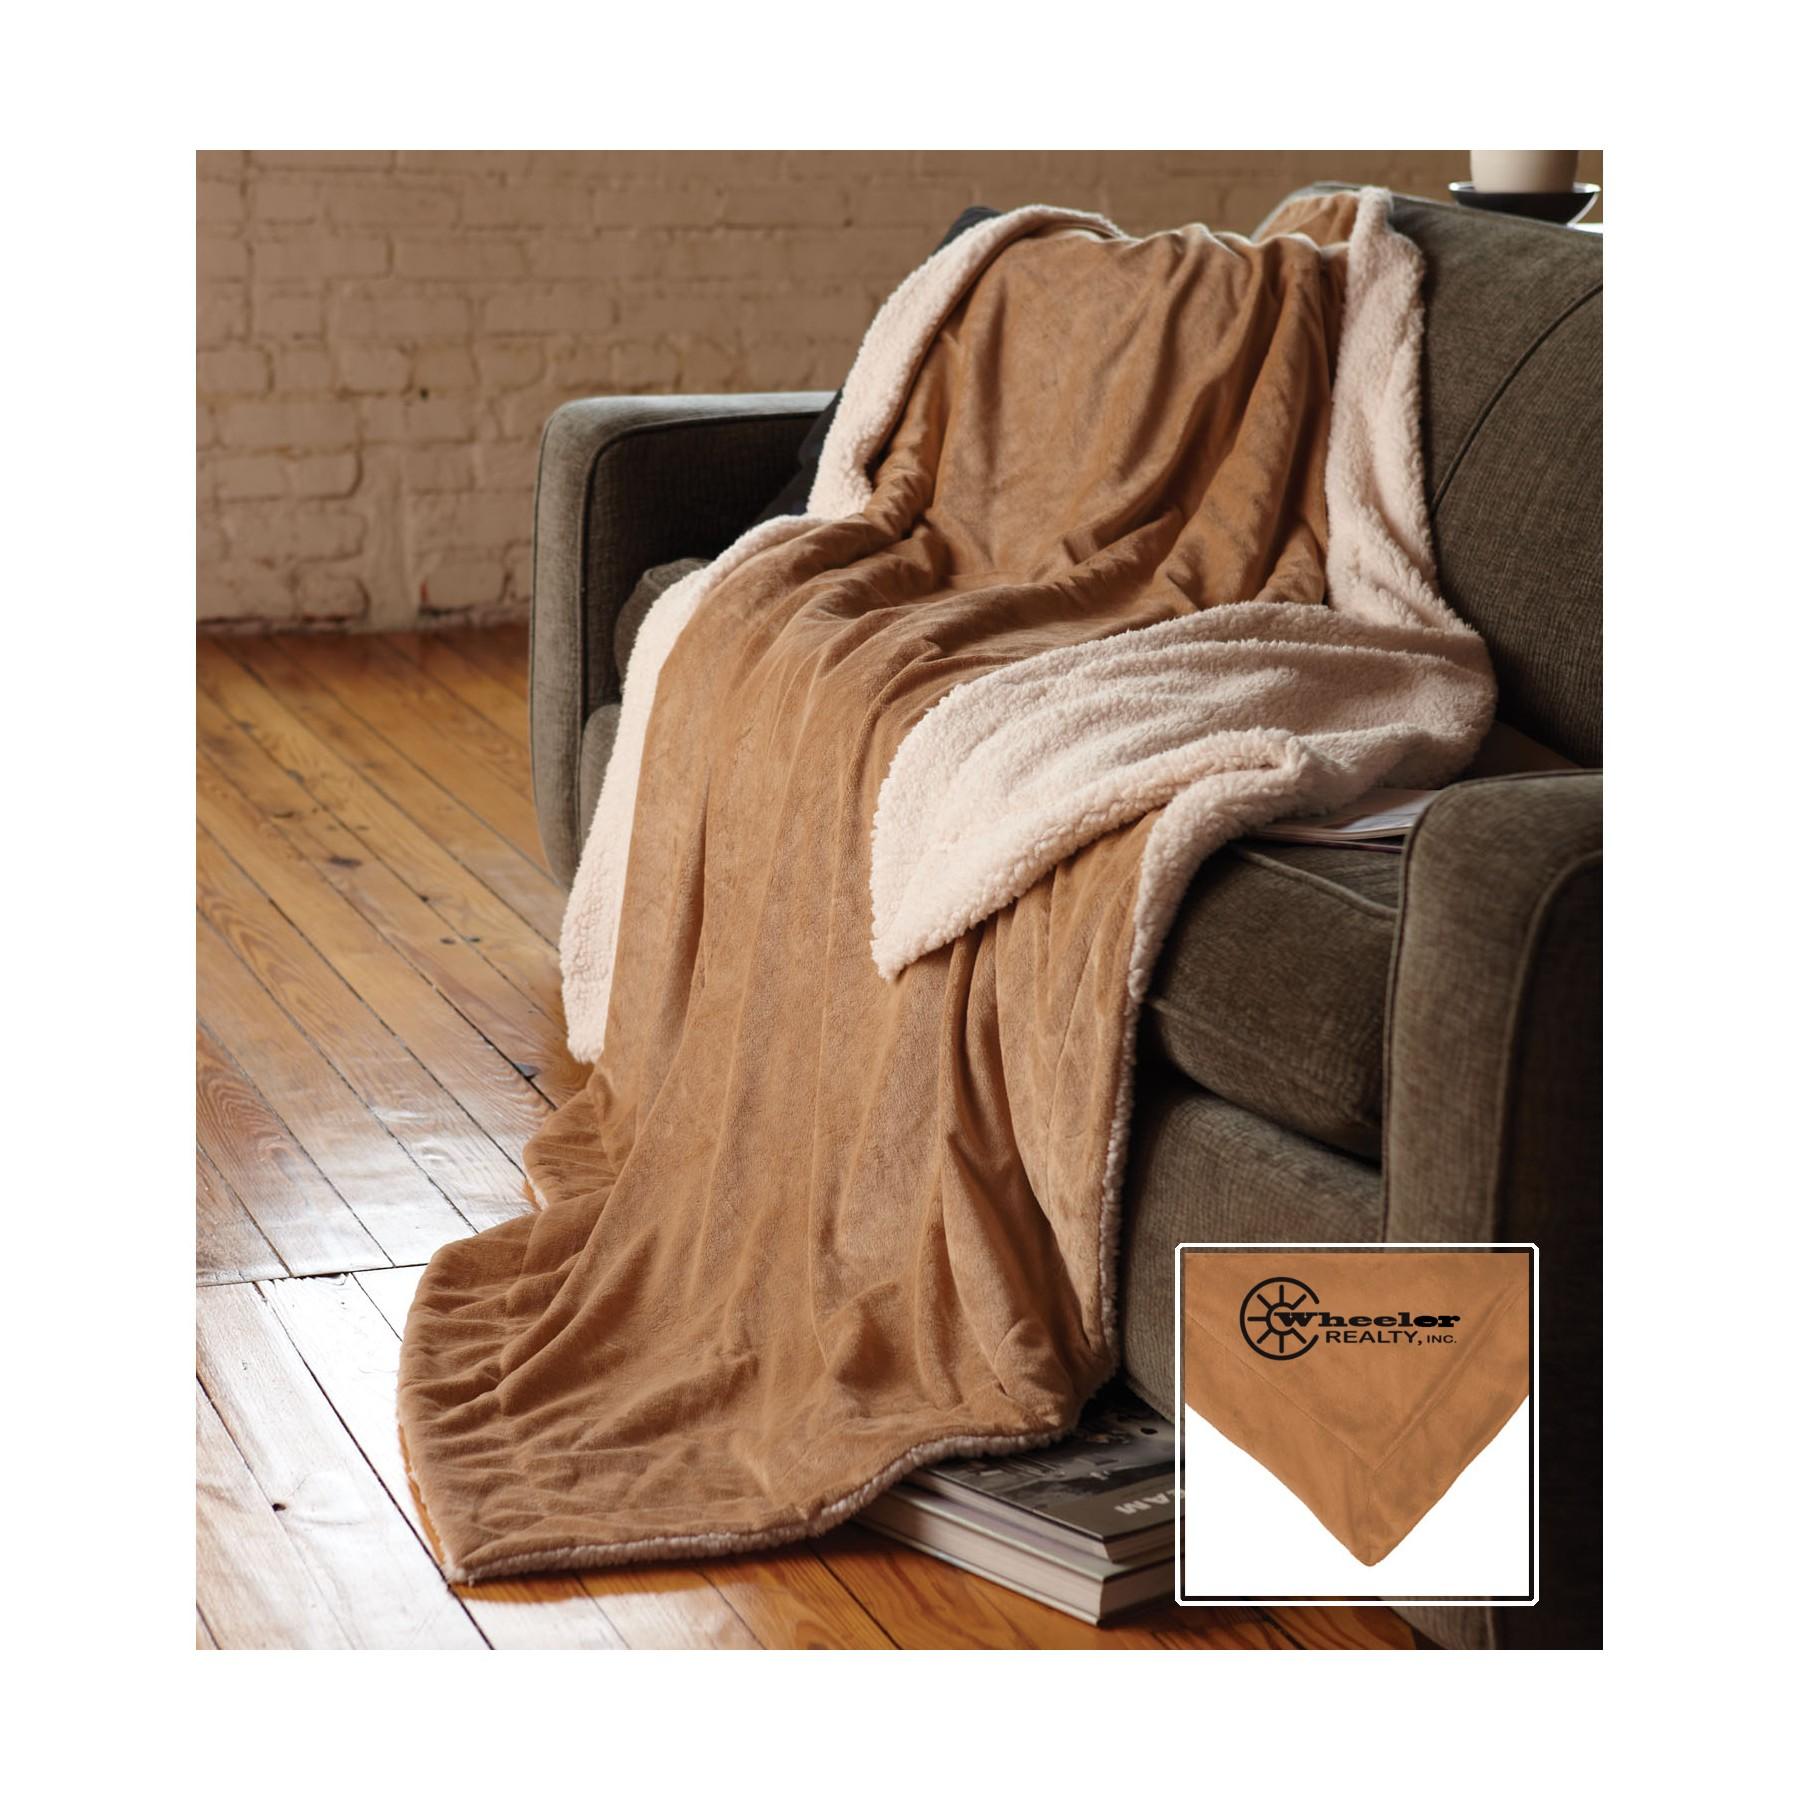 BlanketPHOTO